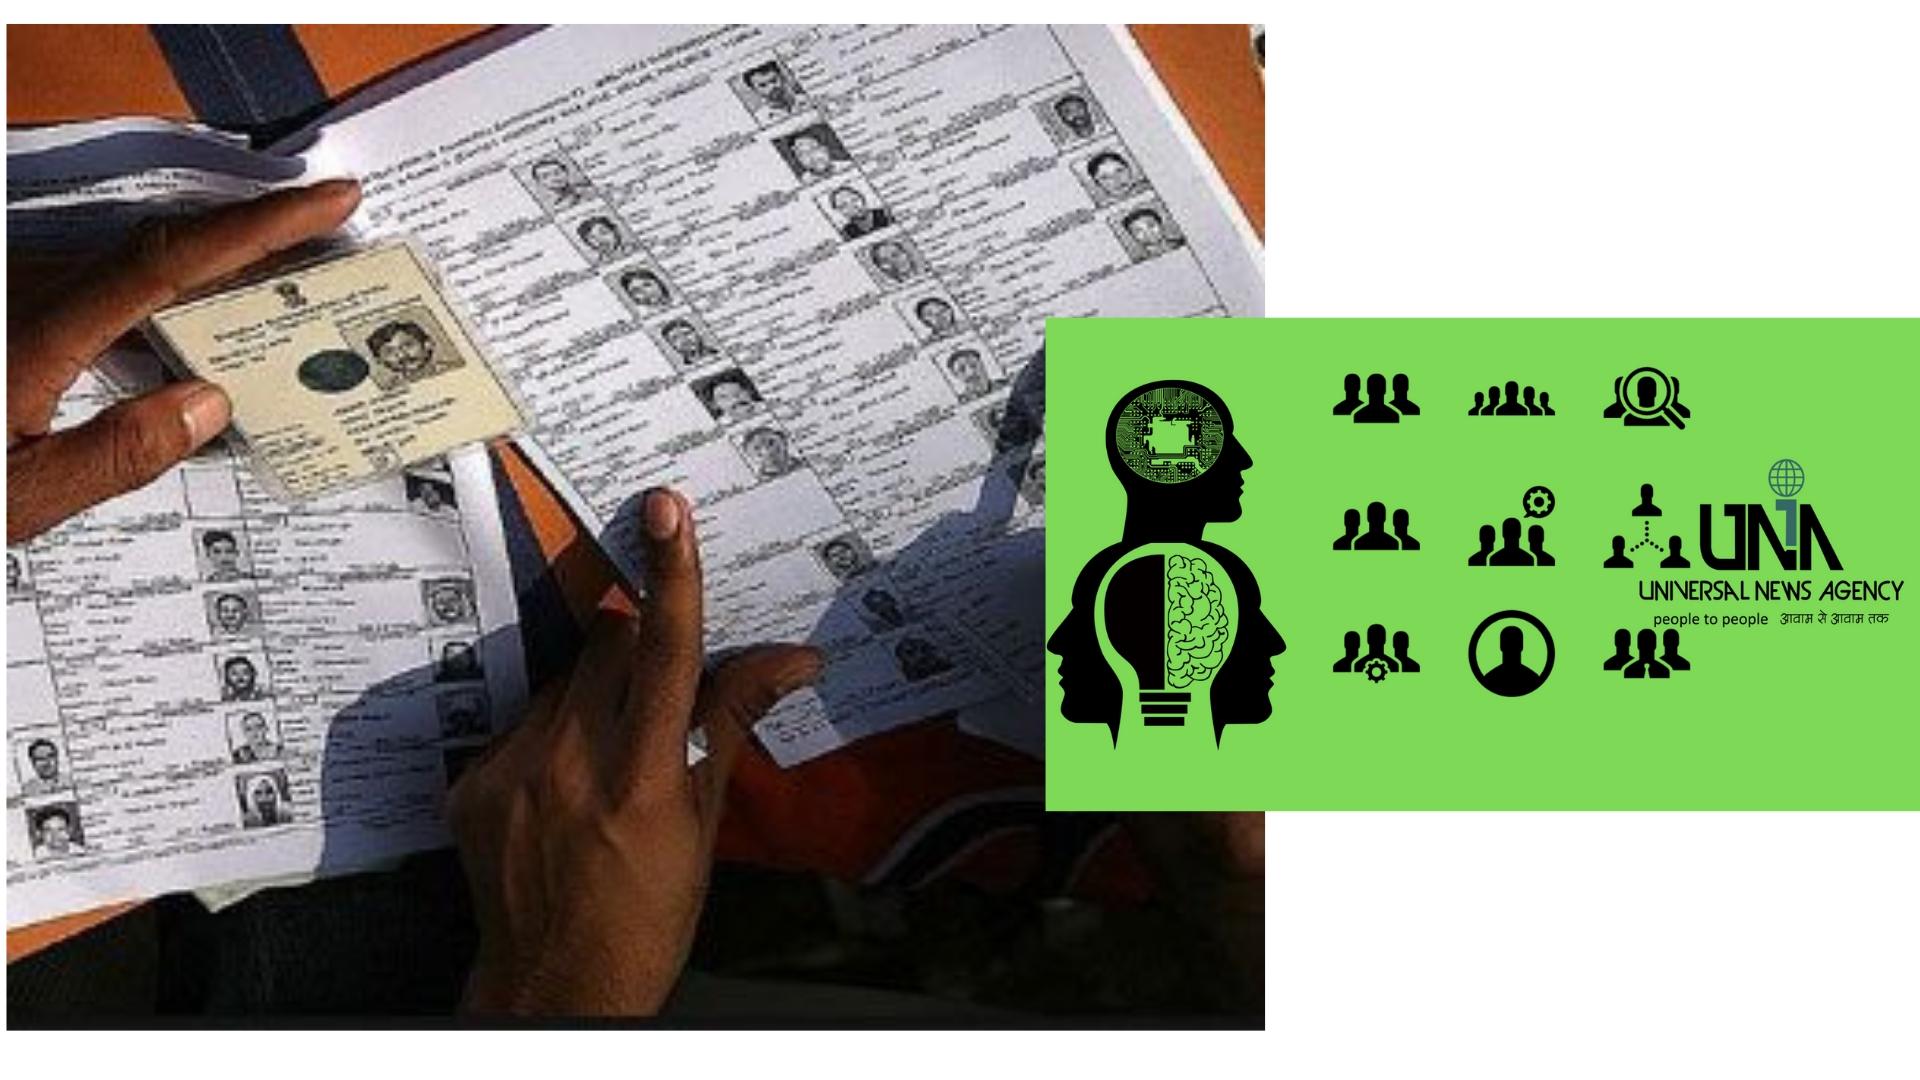 भाजपा पर लग रहा पिछड़ी , अनुसूचितों का नाम वोटर लिस्ट से कटवाने का आरोप